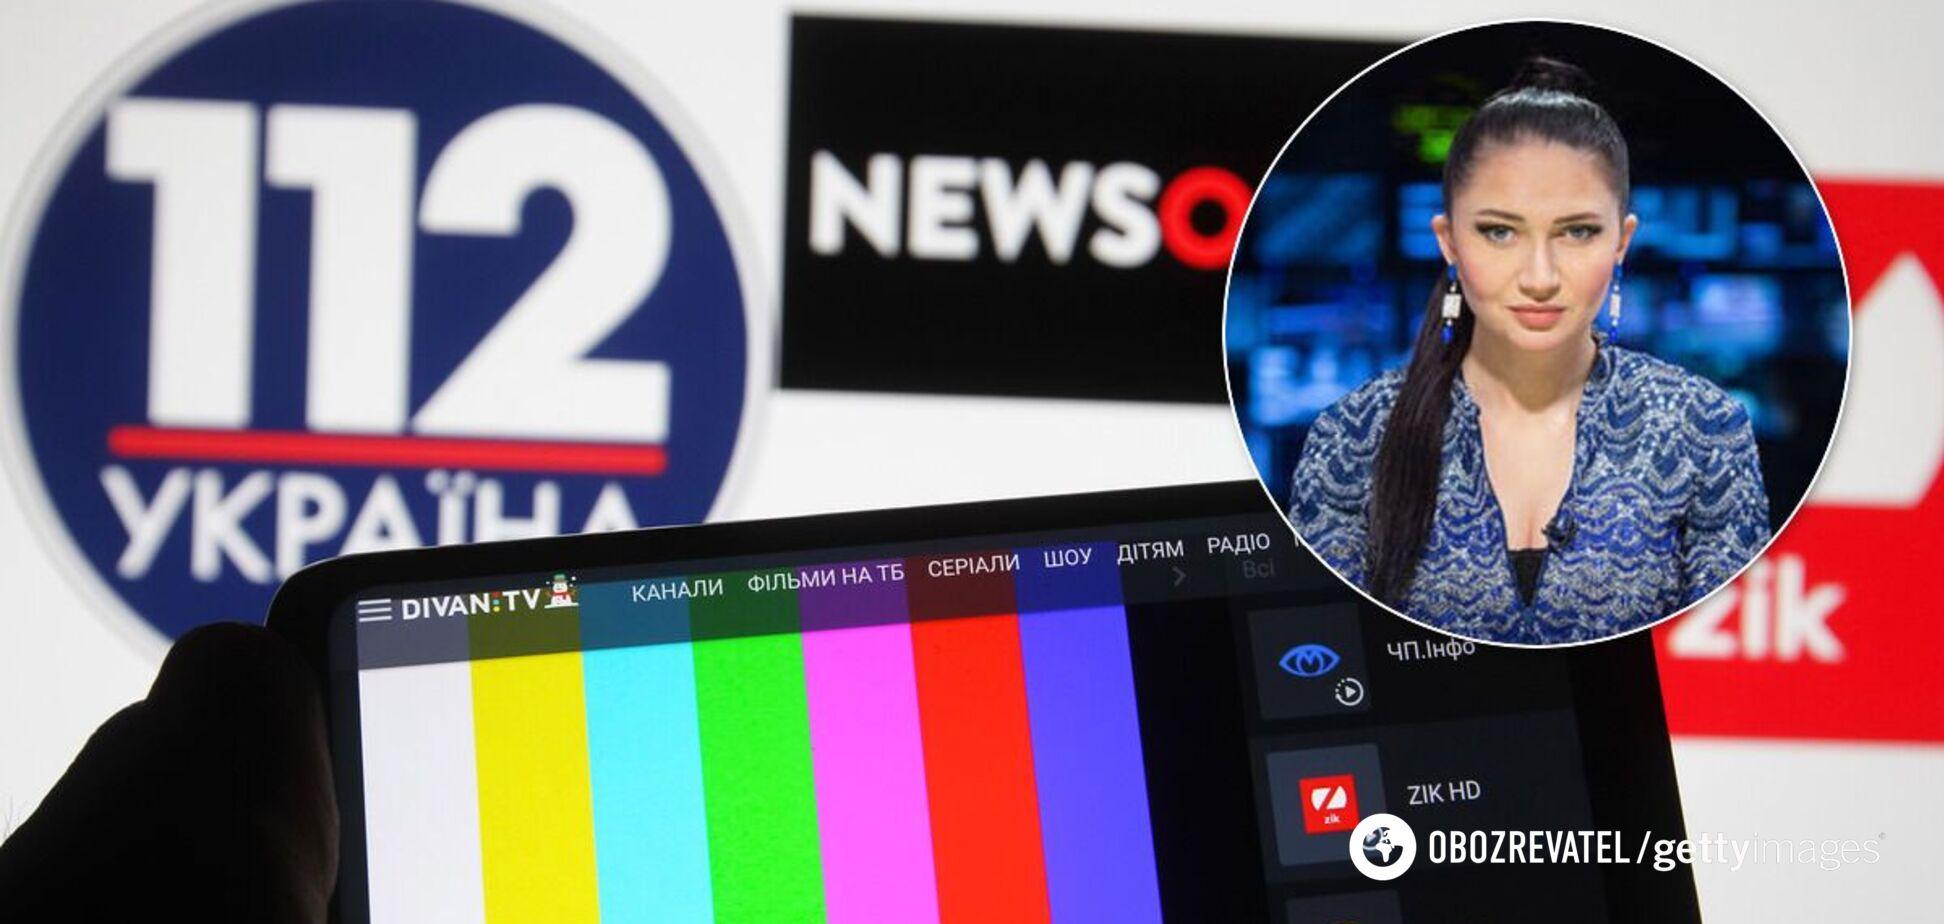 Бацман пристыдила фанатов каналов Медведчука и напомнила о недостатках законопроекта 'О медиа'